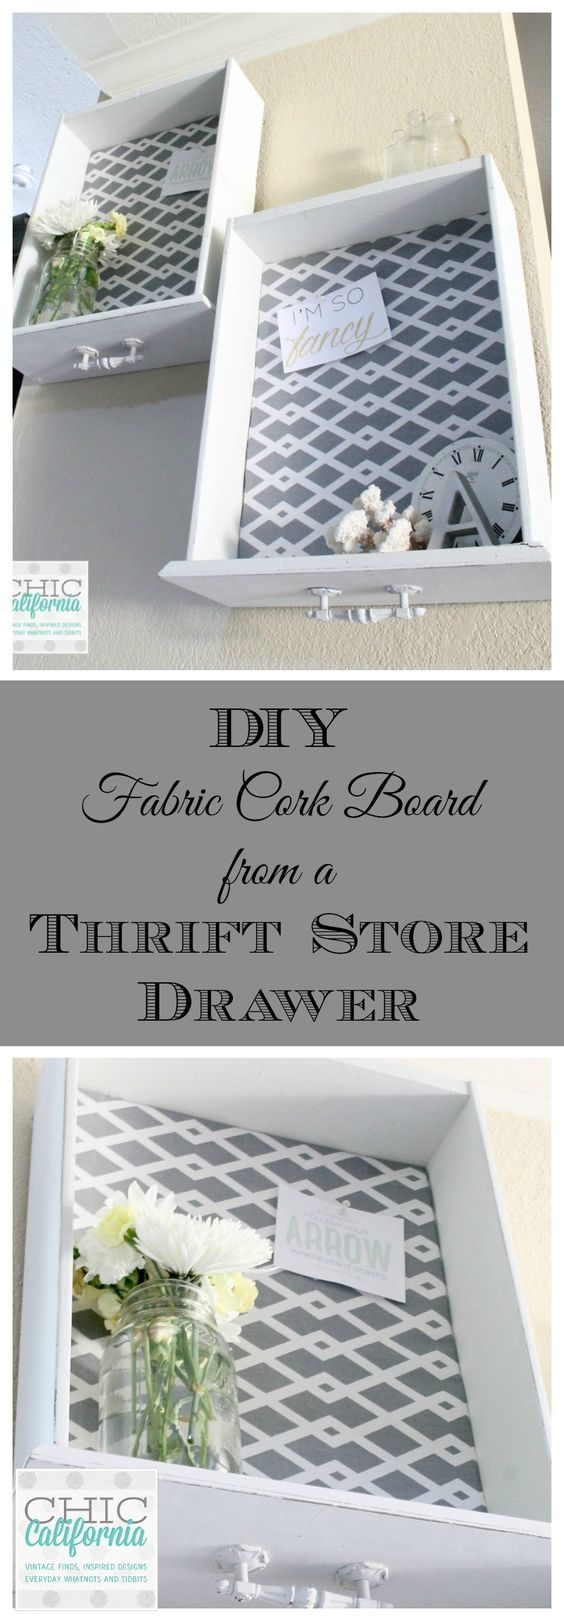 Comment réutiliser les vieux tiroirs